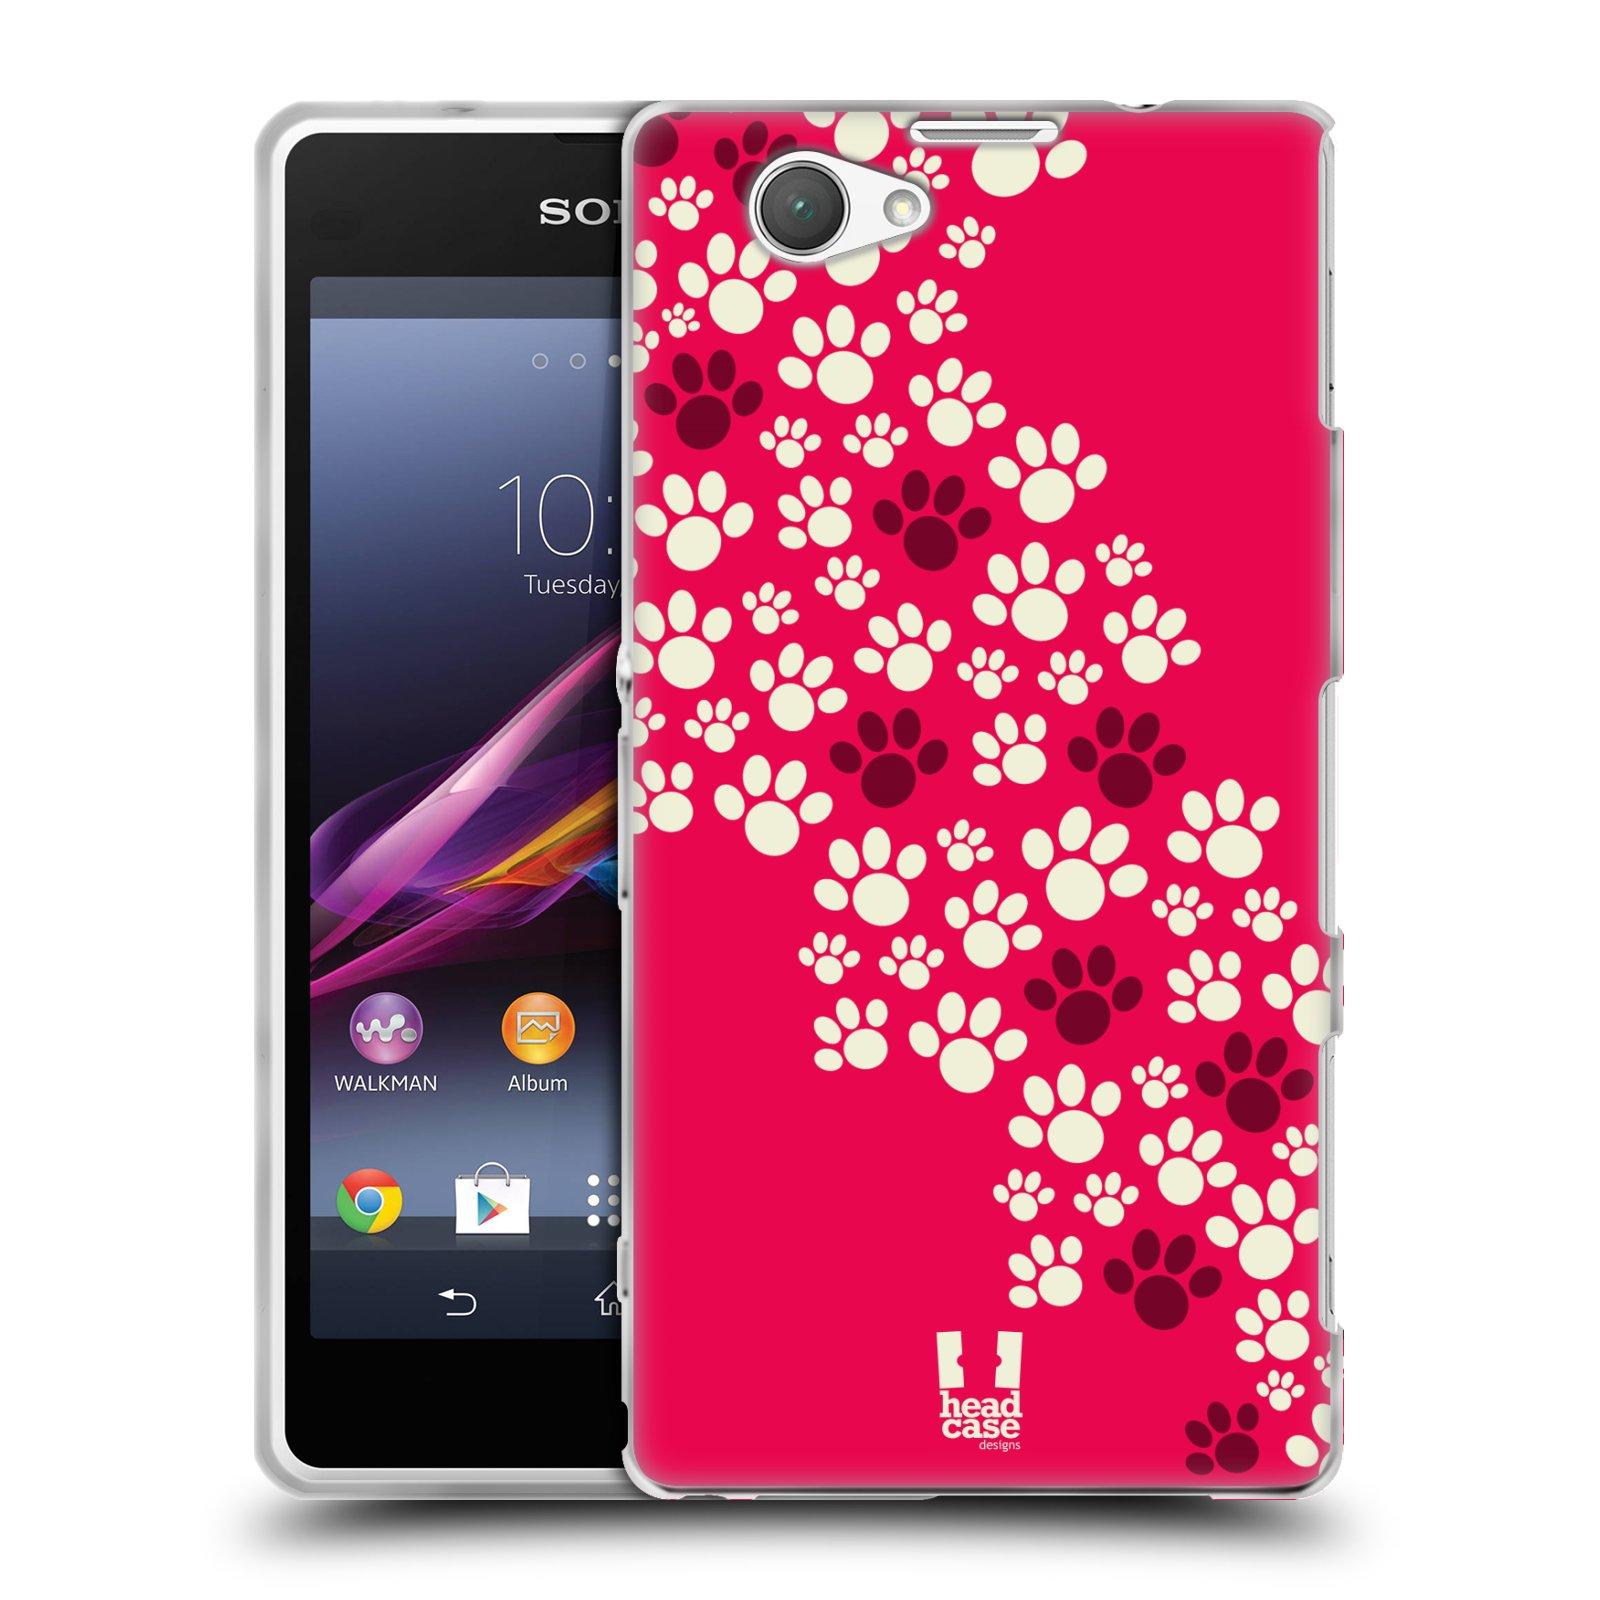 Silikonové pouzdro na mobil Sony Xperia Z1 Compact D5503 HEAD CASE TLAPKY RŮŽOVÉ (Silikonový kryt či obal na mobilní telefon Sony Xperia Z1 Compact)